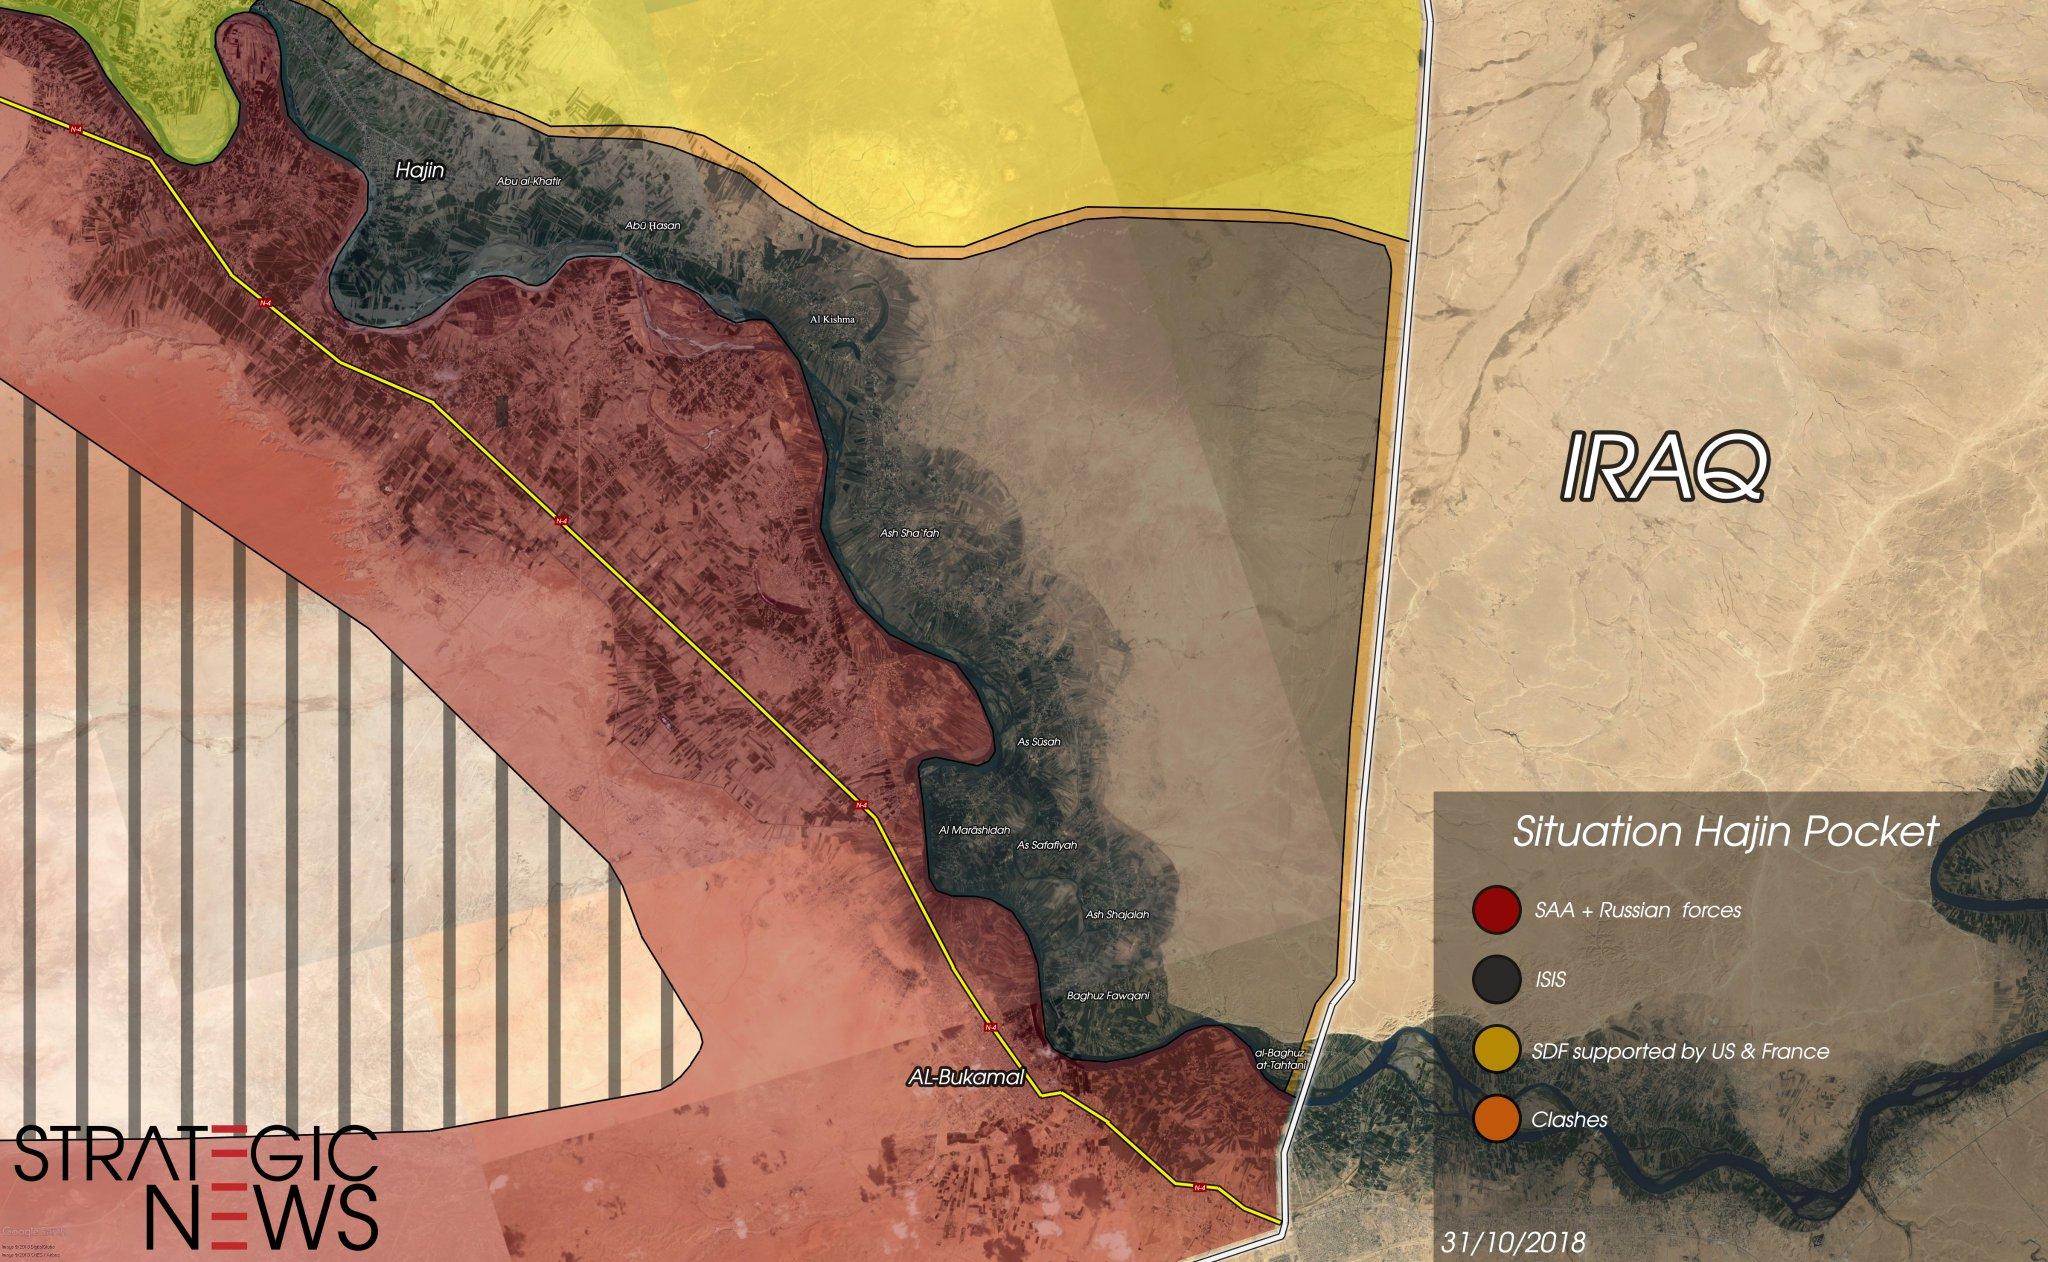 Jednotky SDF ustupují – situace v tzv. kapse Hajin